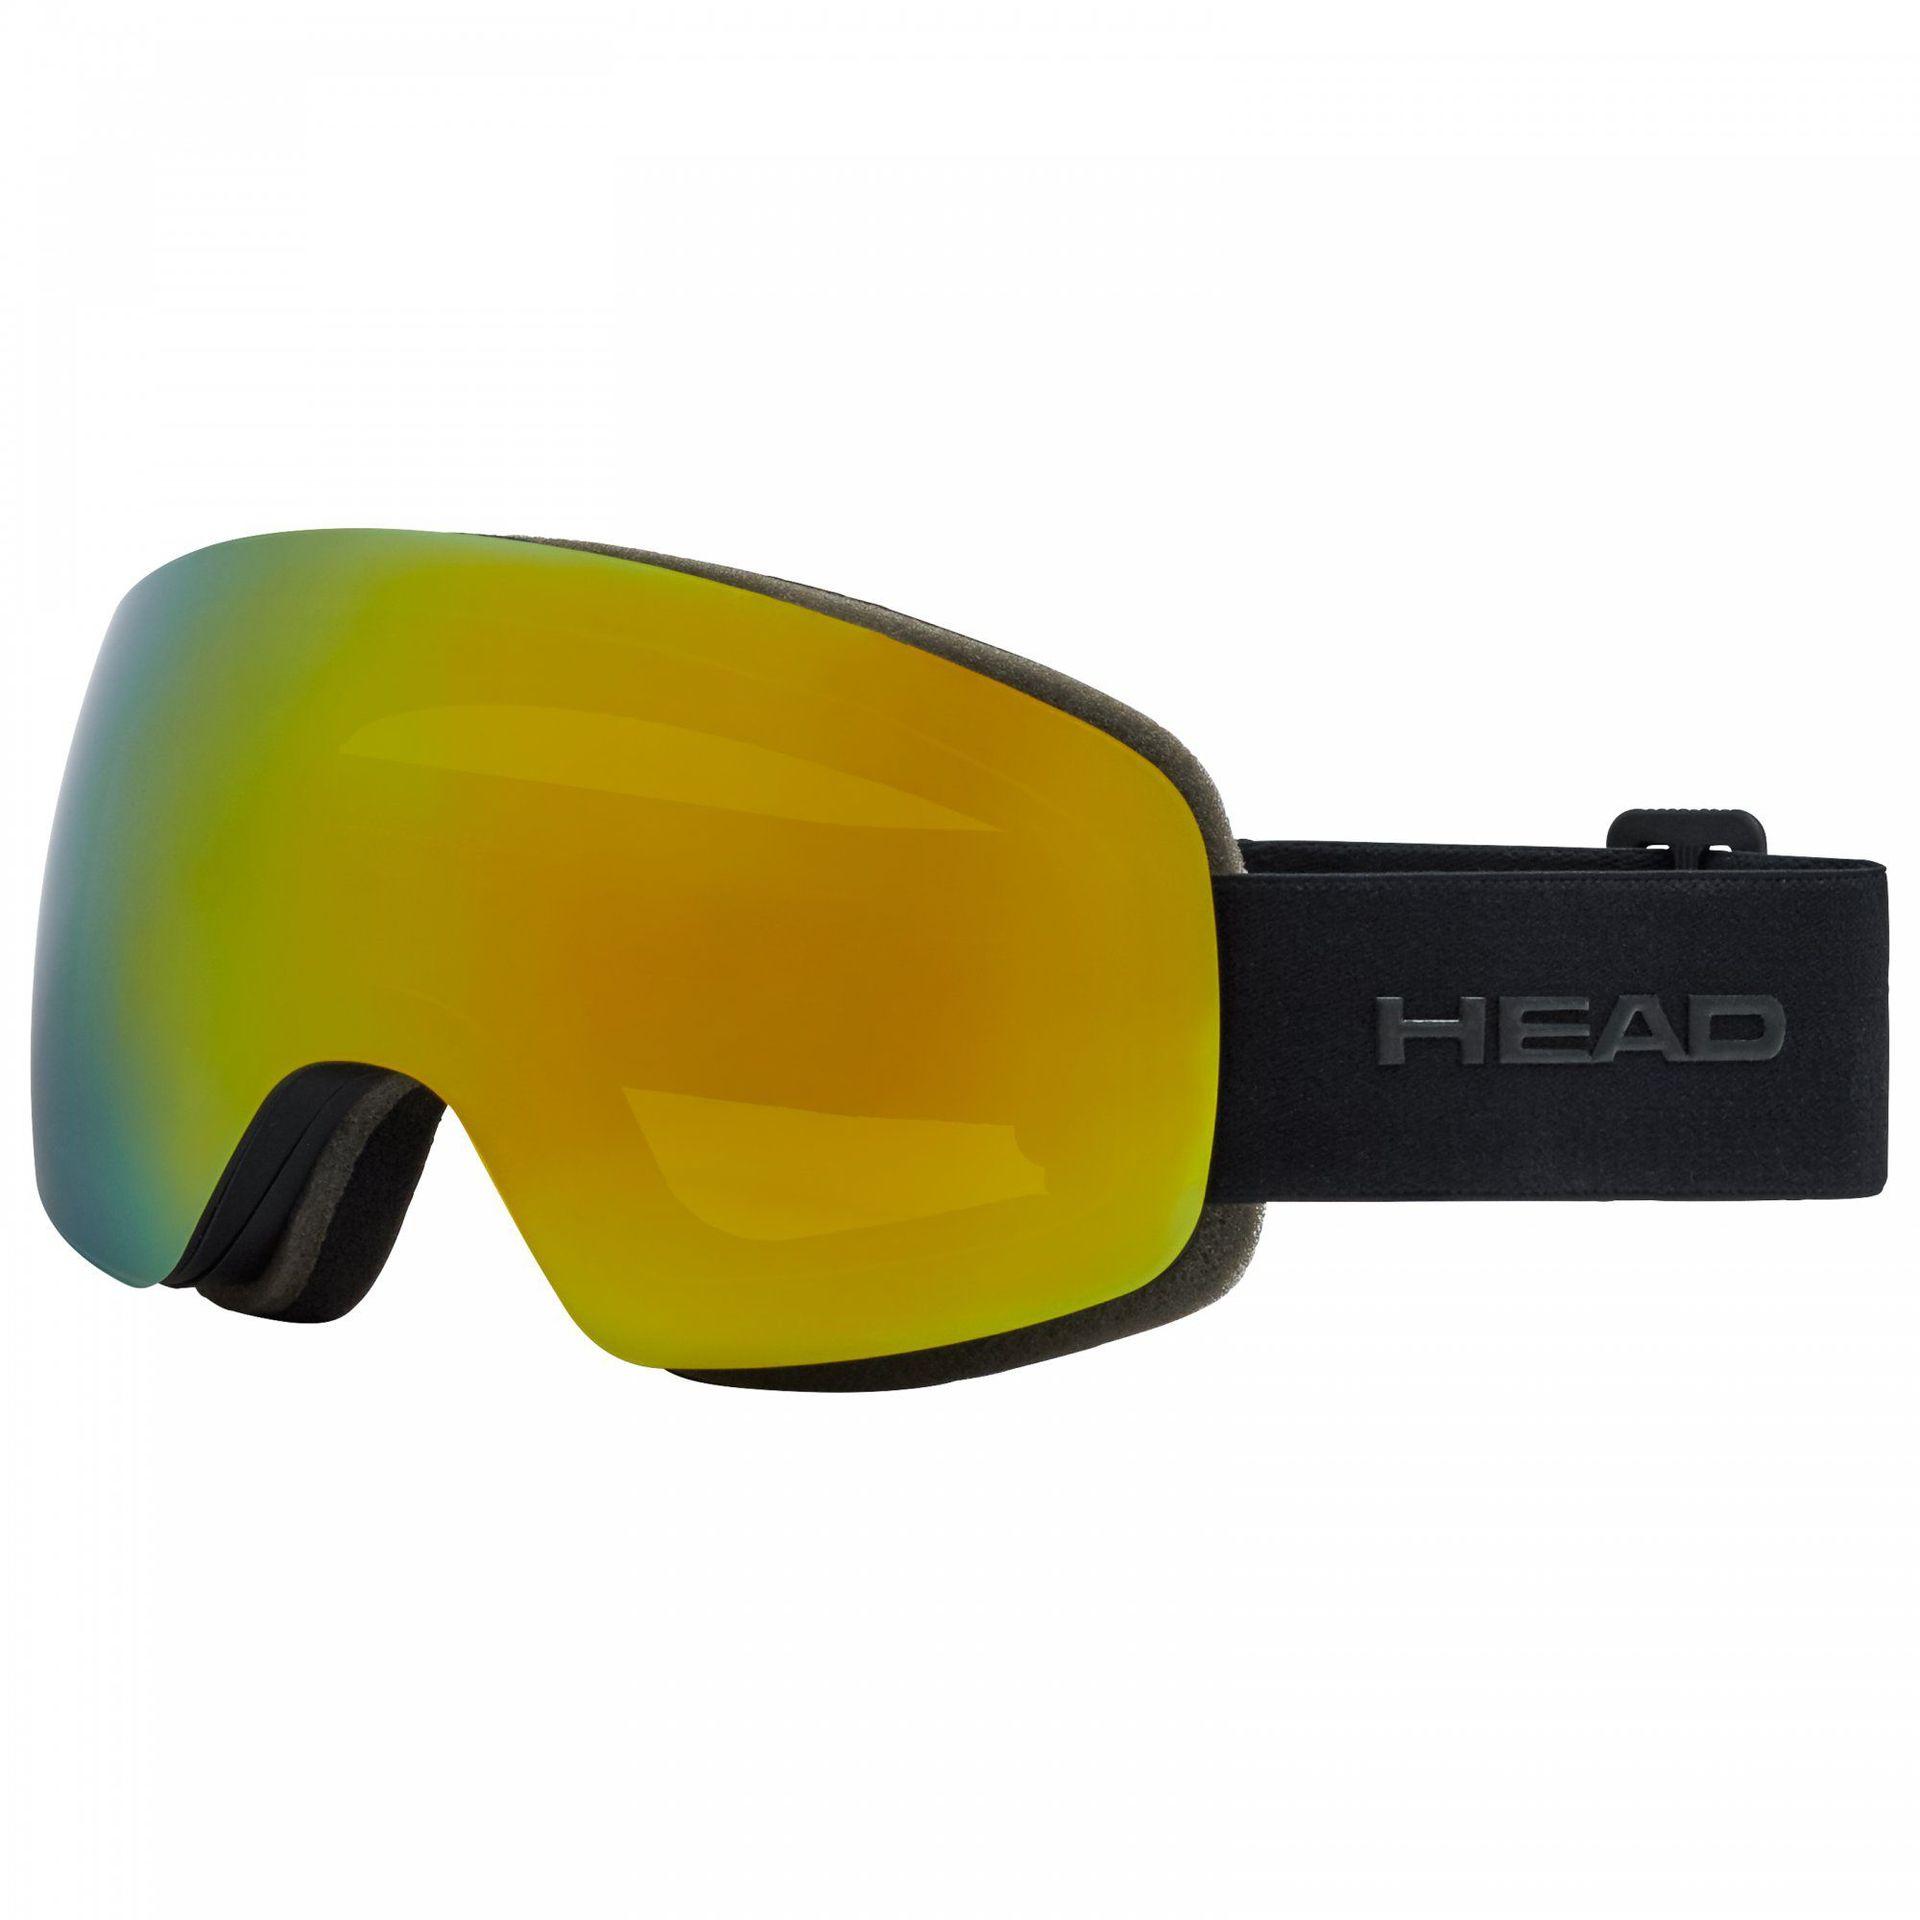 GOGLE HEAD GLOBE FMR 390218